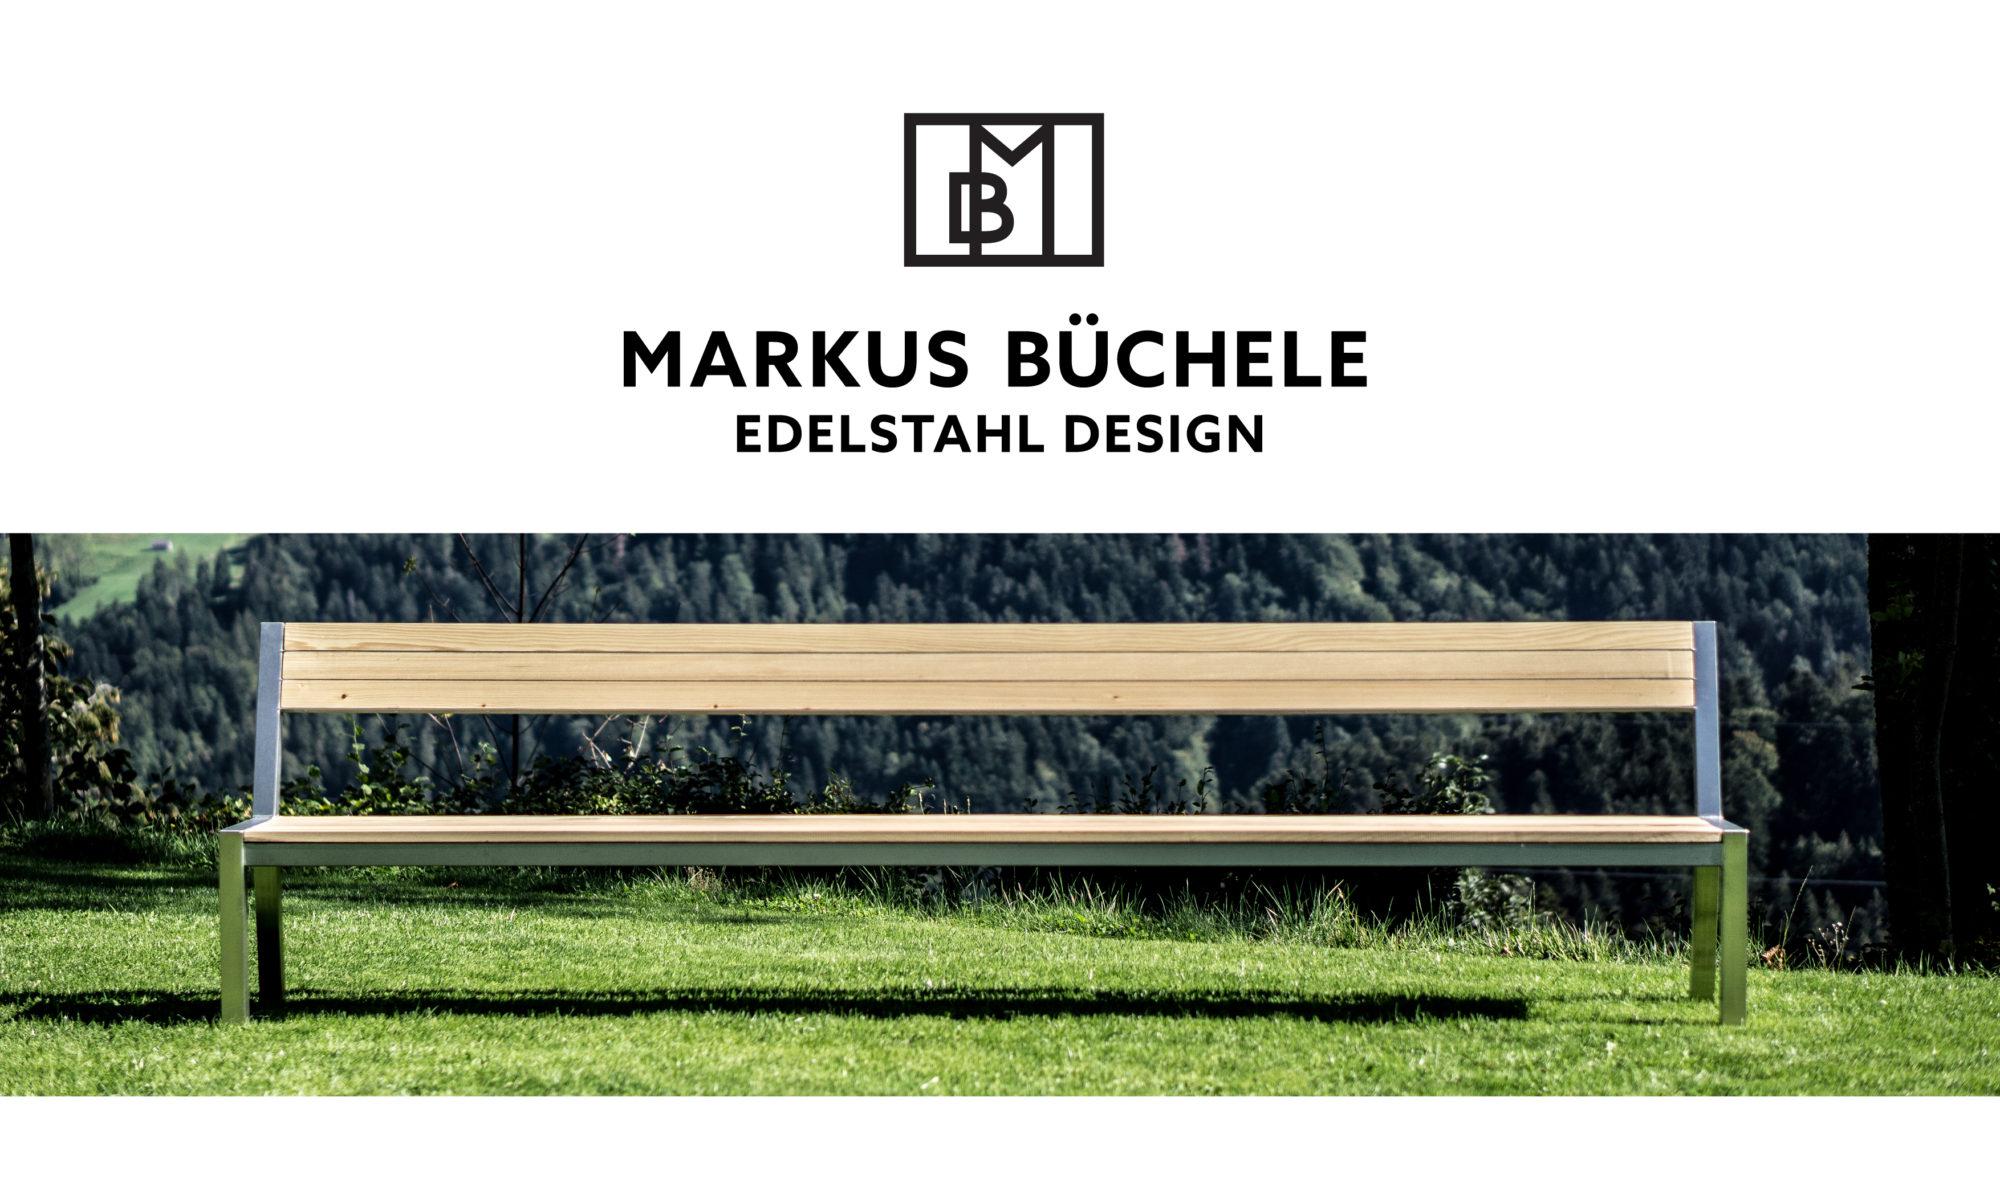 edelstahl design – markus buechele